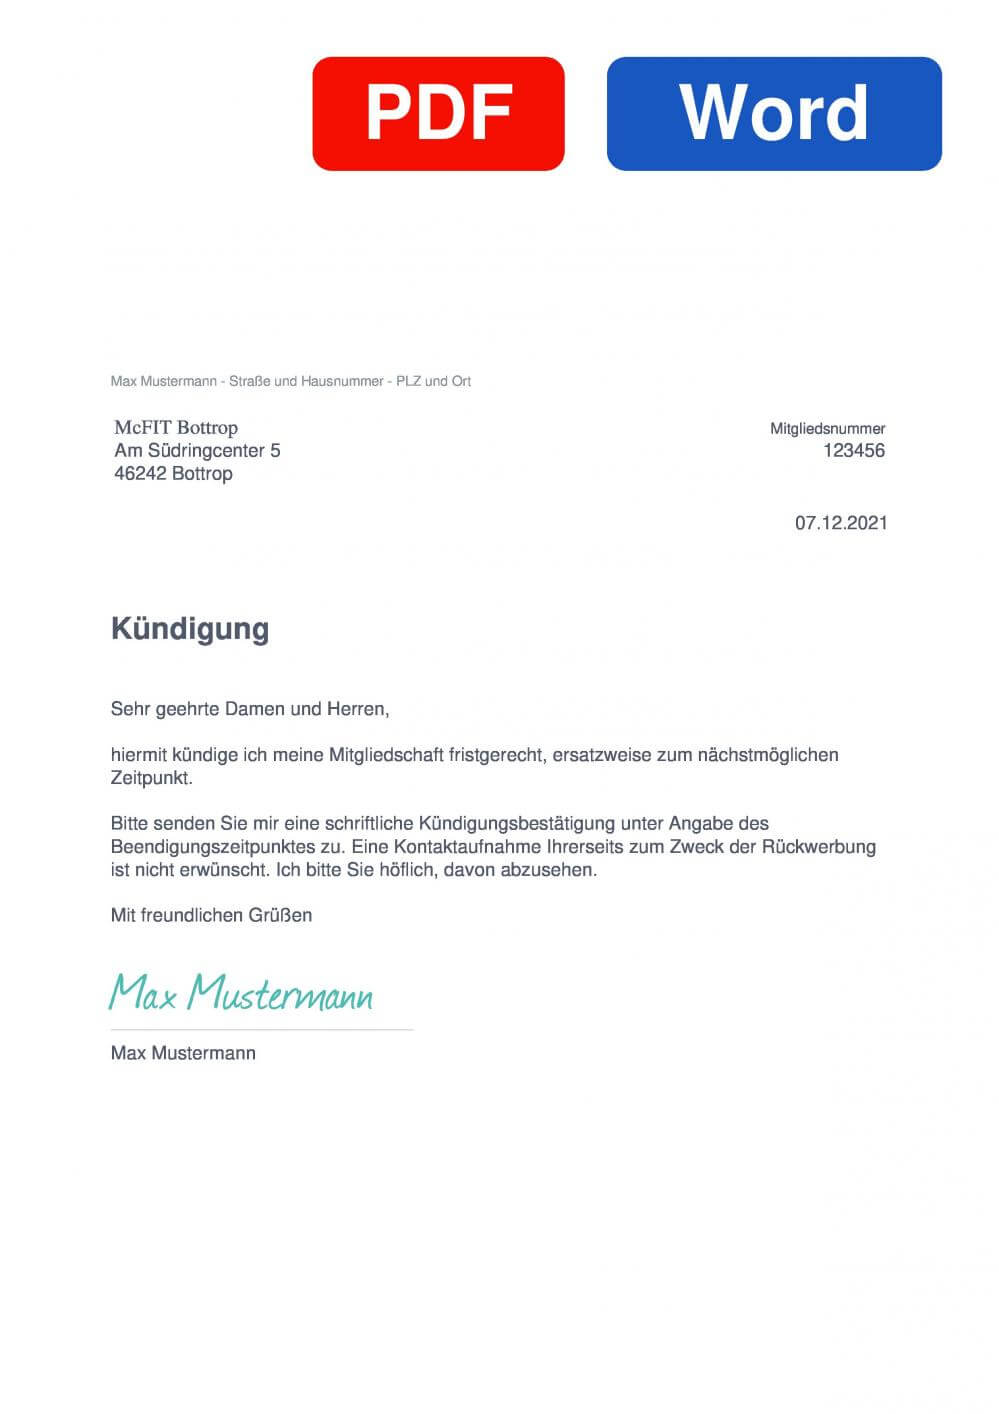 McFIT Bottrop Muster Vorlage für Kündigungsschreiben